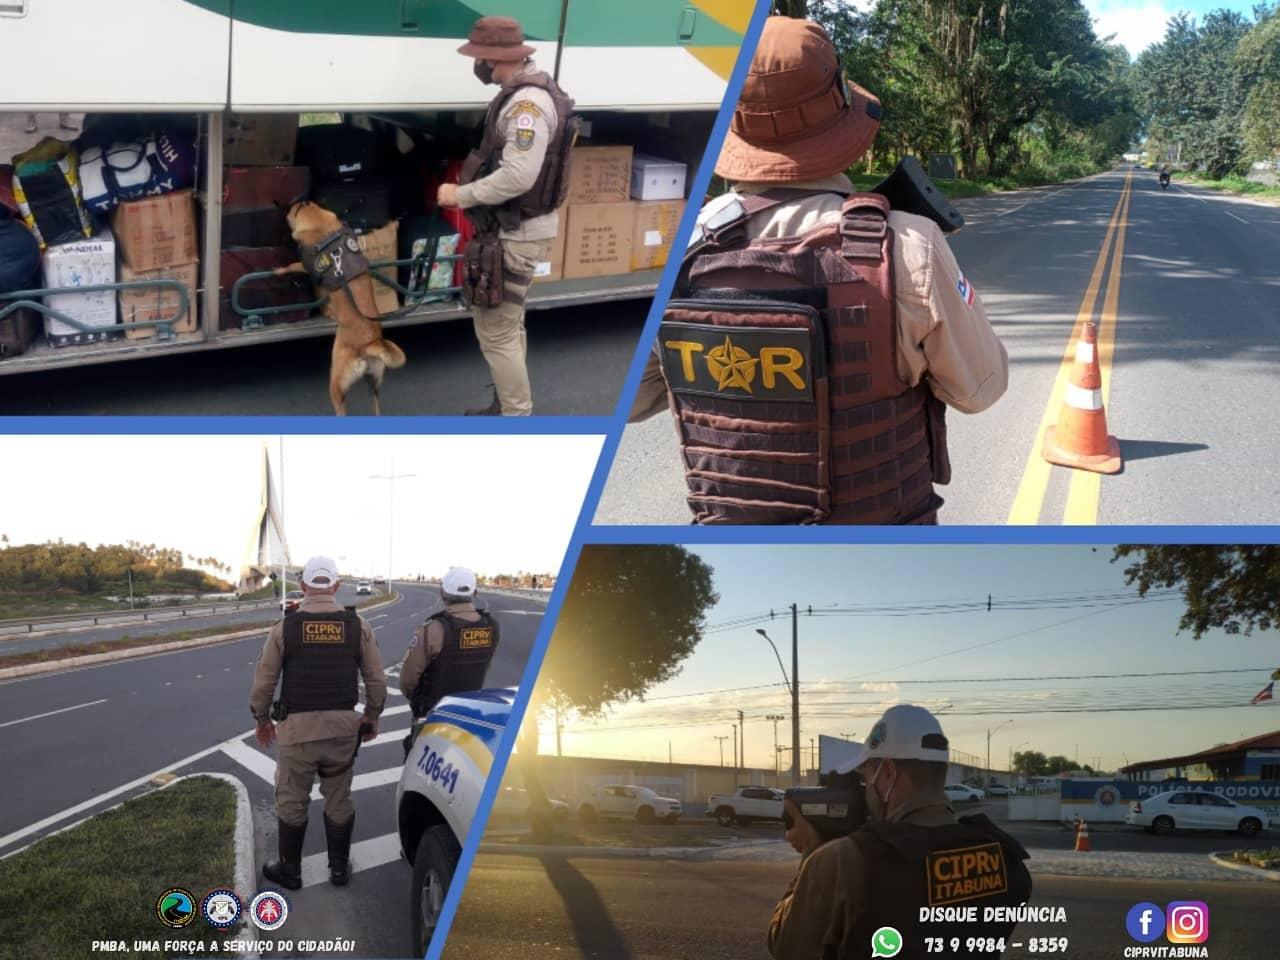 PRE intensifica fiscalização nas rodovias estaduais durante as festas juninas